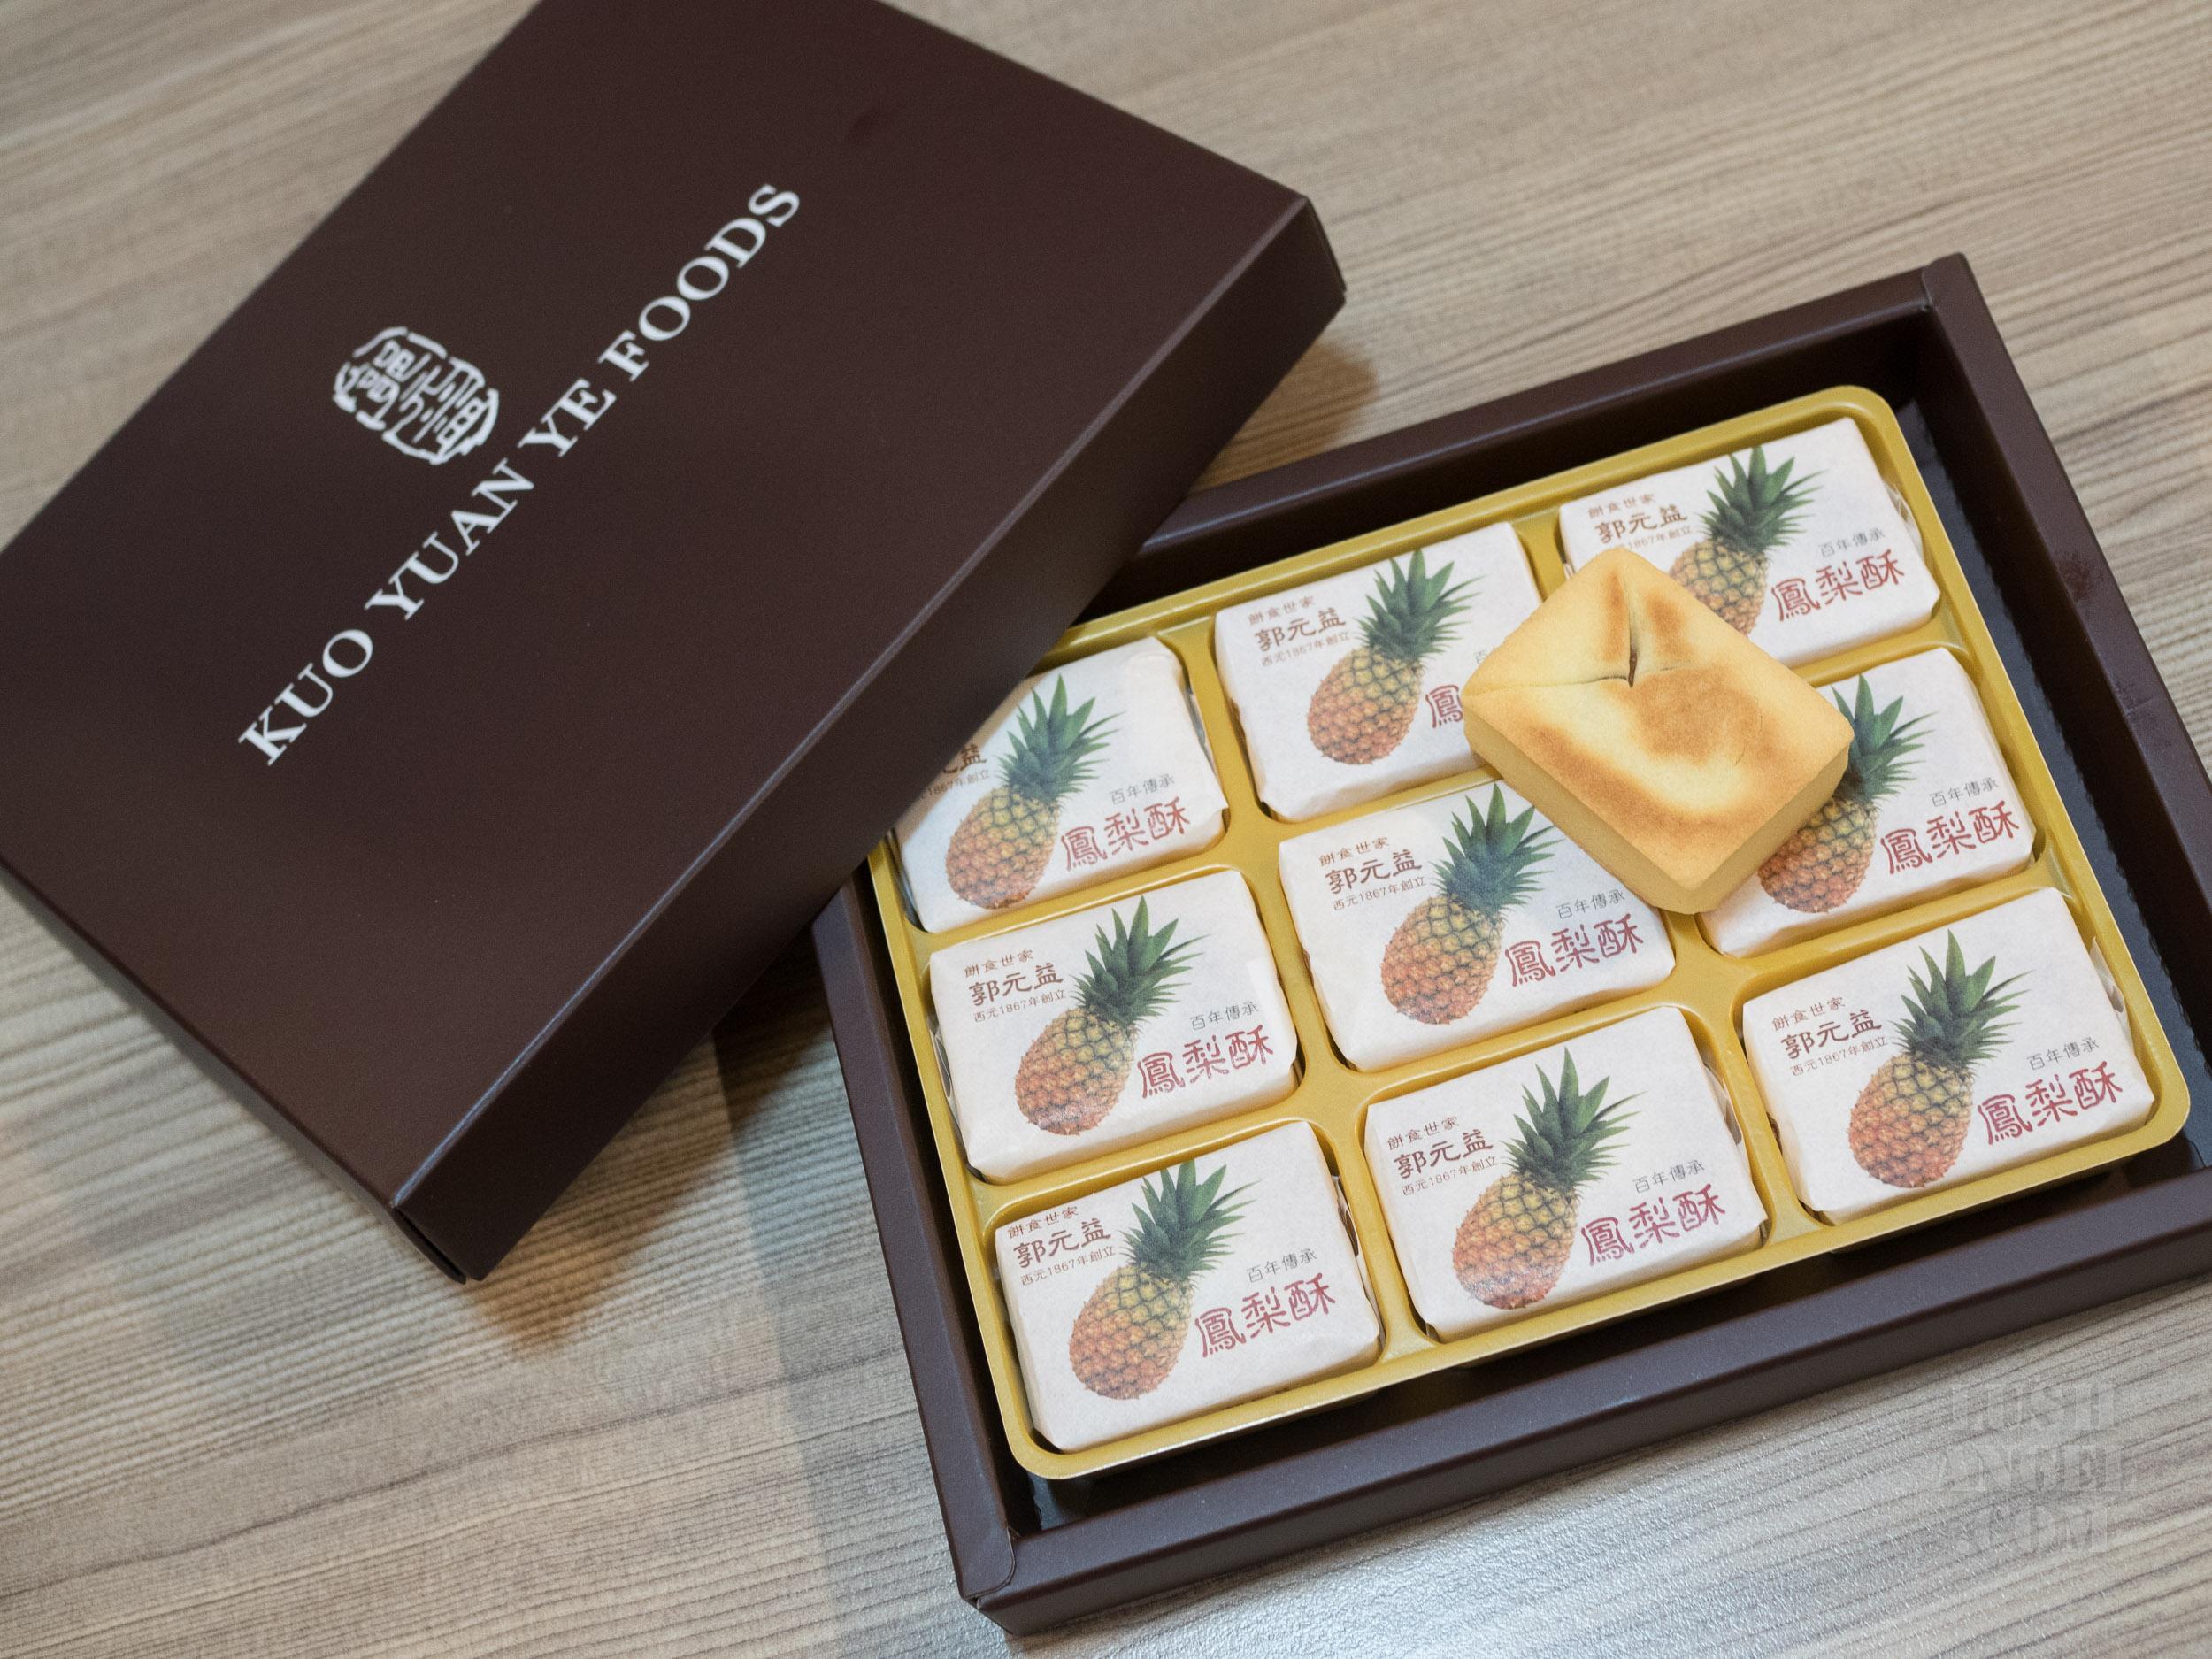 kkday-kuo-yuan-ye-foods